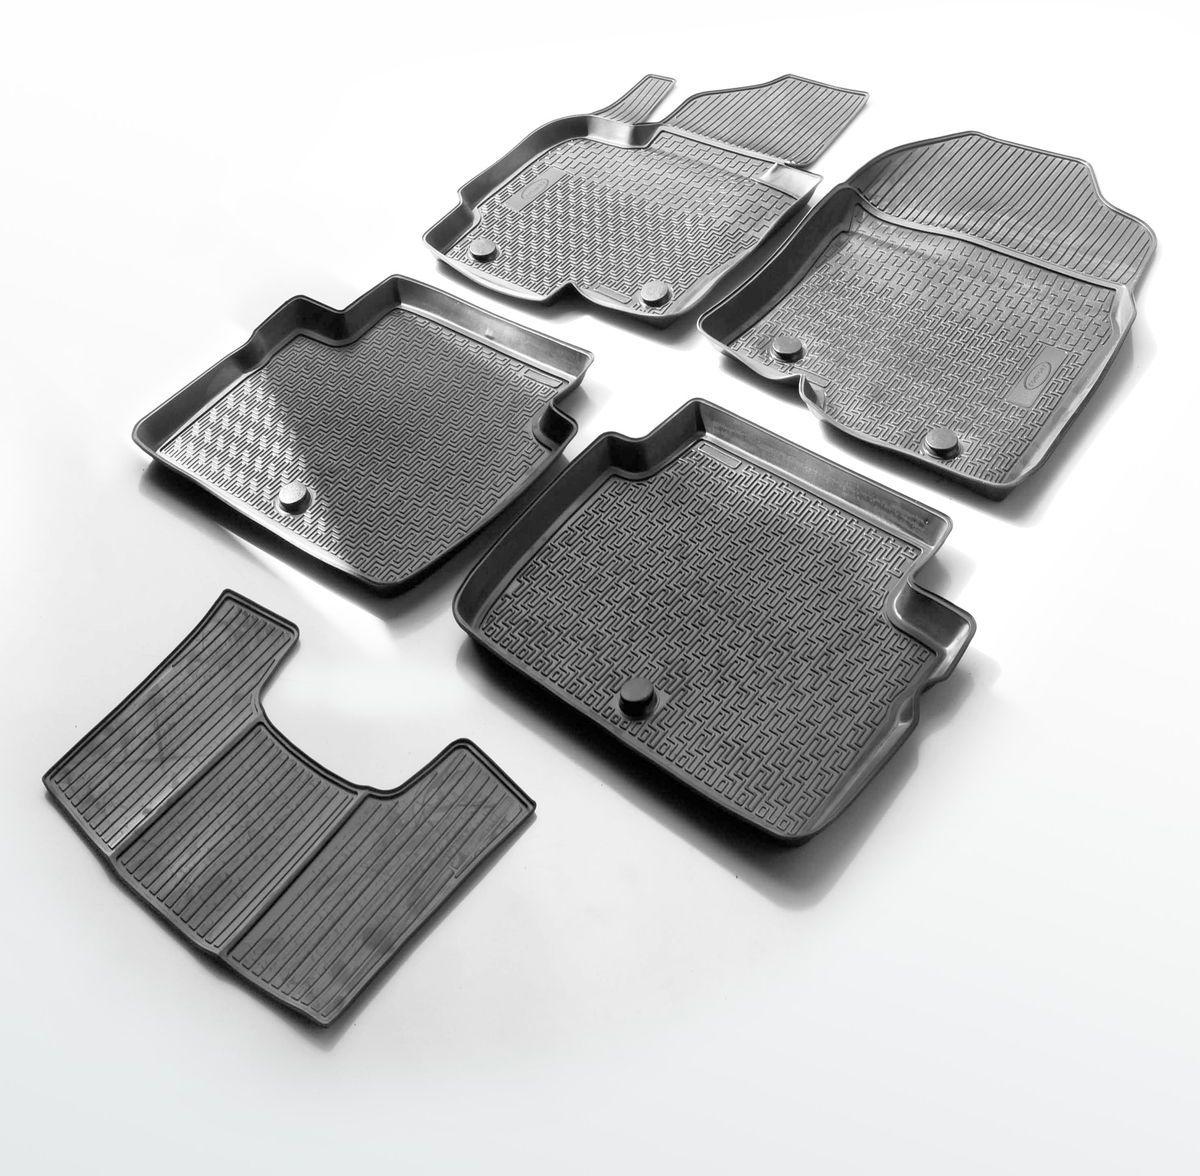 Ковры салона Rival для Suzuki Grand Vitara 5d 2012-2015, 4 шт + перемычка0015501001Автомобильные ковры салона Rival Прочные и долговечные ковры в салон автомобиля, изготовлены из высококачественного и экологичного сырья, полностью повторяют геометрию салона вашего автомобиля. - Надежная система крепления, позволяющая закрепить коврик на штатные элементы фиксации, в результате чего отсутствует эффект скольжения по салону автомобиля. - Высокая стойкость поверхности к стиранию. - Специализированный рисунок и высокий борт, препятствующие распространению грязи и жидкости по поверхности ковра. - Перемычка задних ковров в комплекте предотвращает загрязнение тоннеля карданного вала. - Произведены из первичных материалов, в результате чего отсутствует неприятный запах в салоне автомобиля. - Высокая эластичность, можно беспрепятственно эксплуатировать при температуре от -45 ?C до +45 ?C.